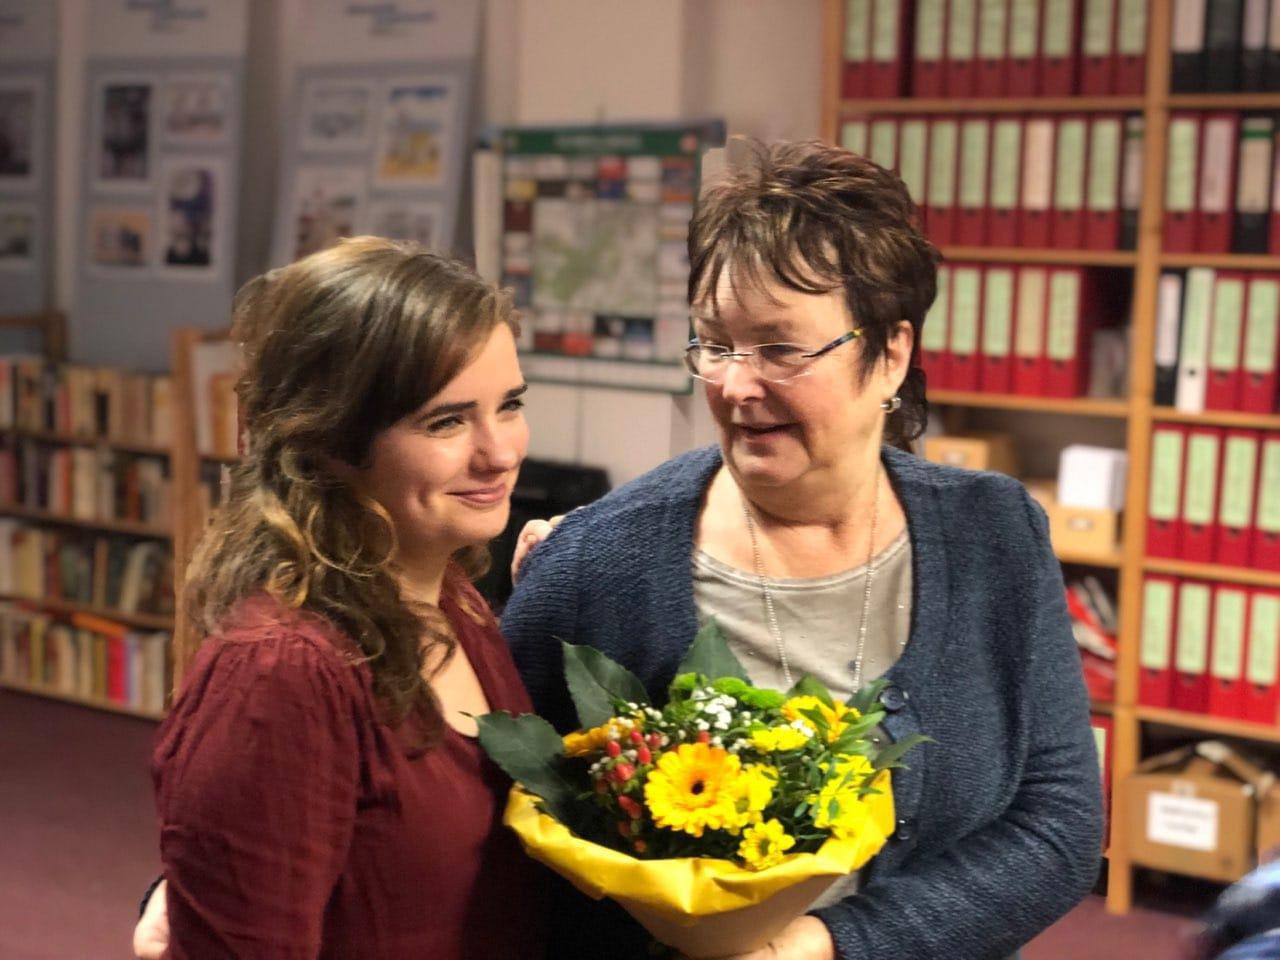 Claudia Sprengel, Astrid Rabinowitsch, Die LInke, Wahlkreis 18